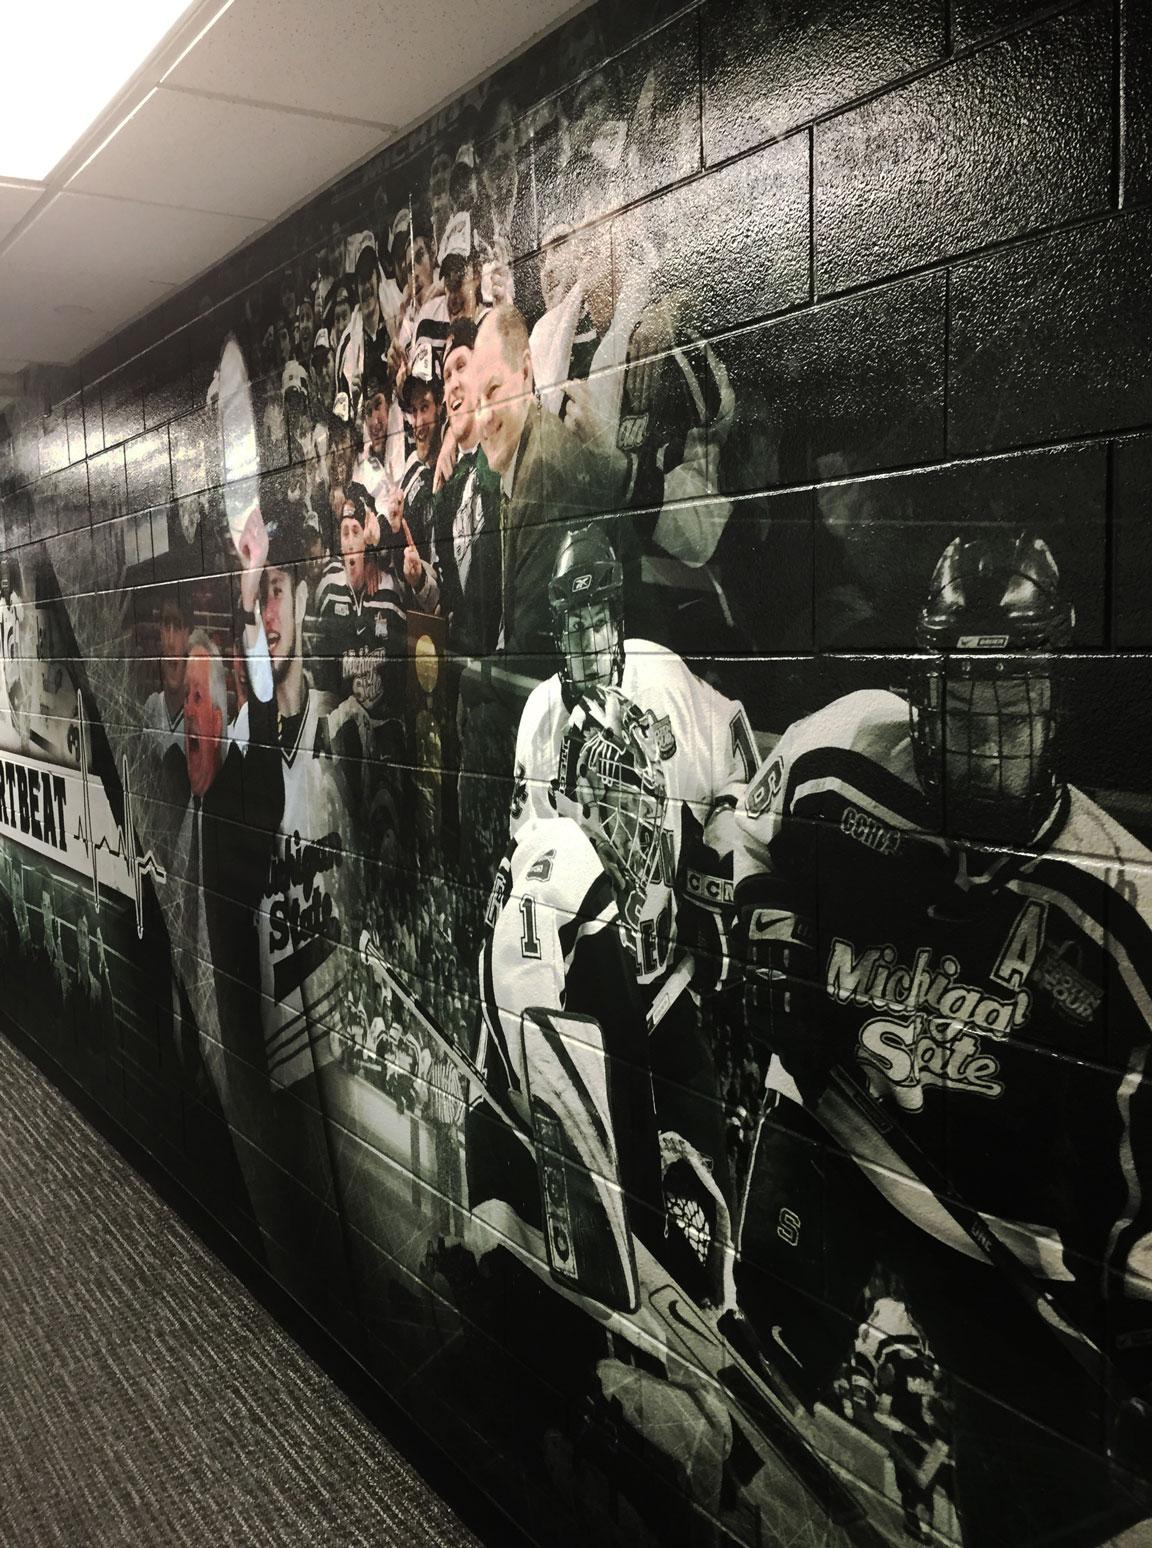 MSU Hockey Wallpaper 06